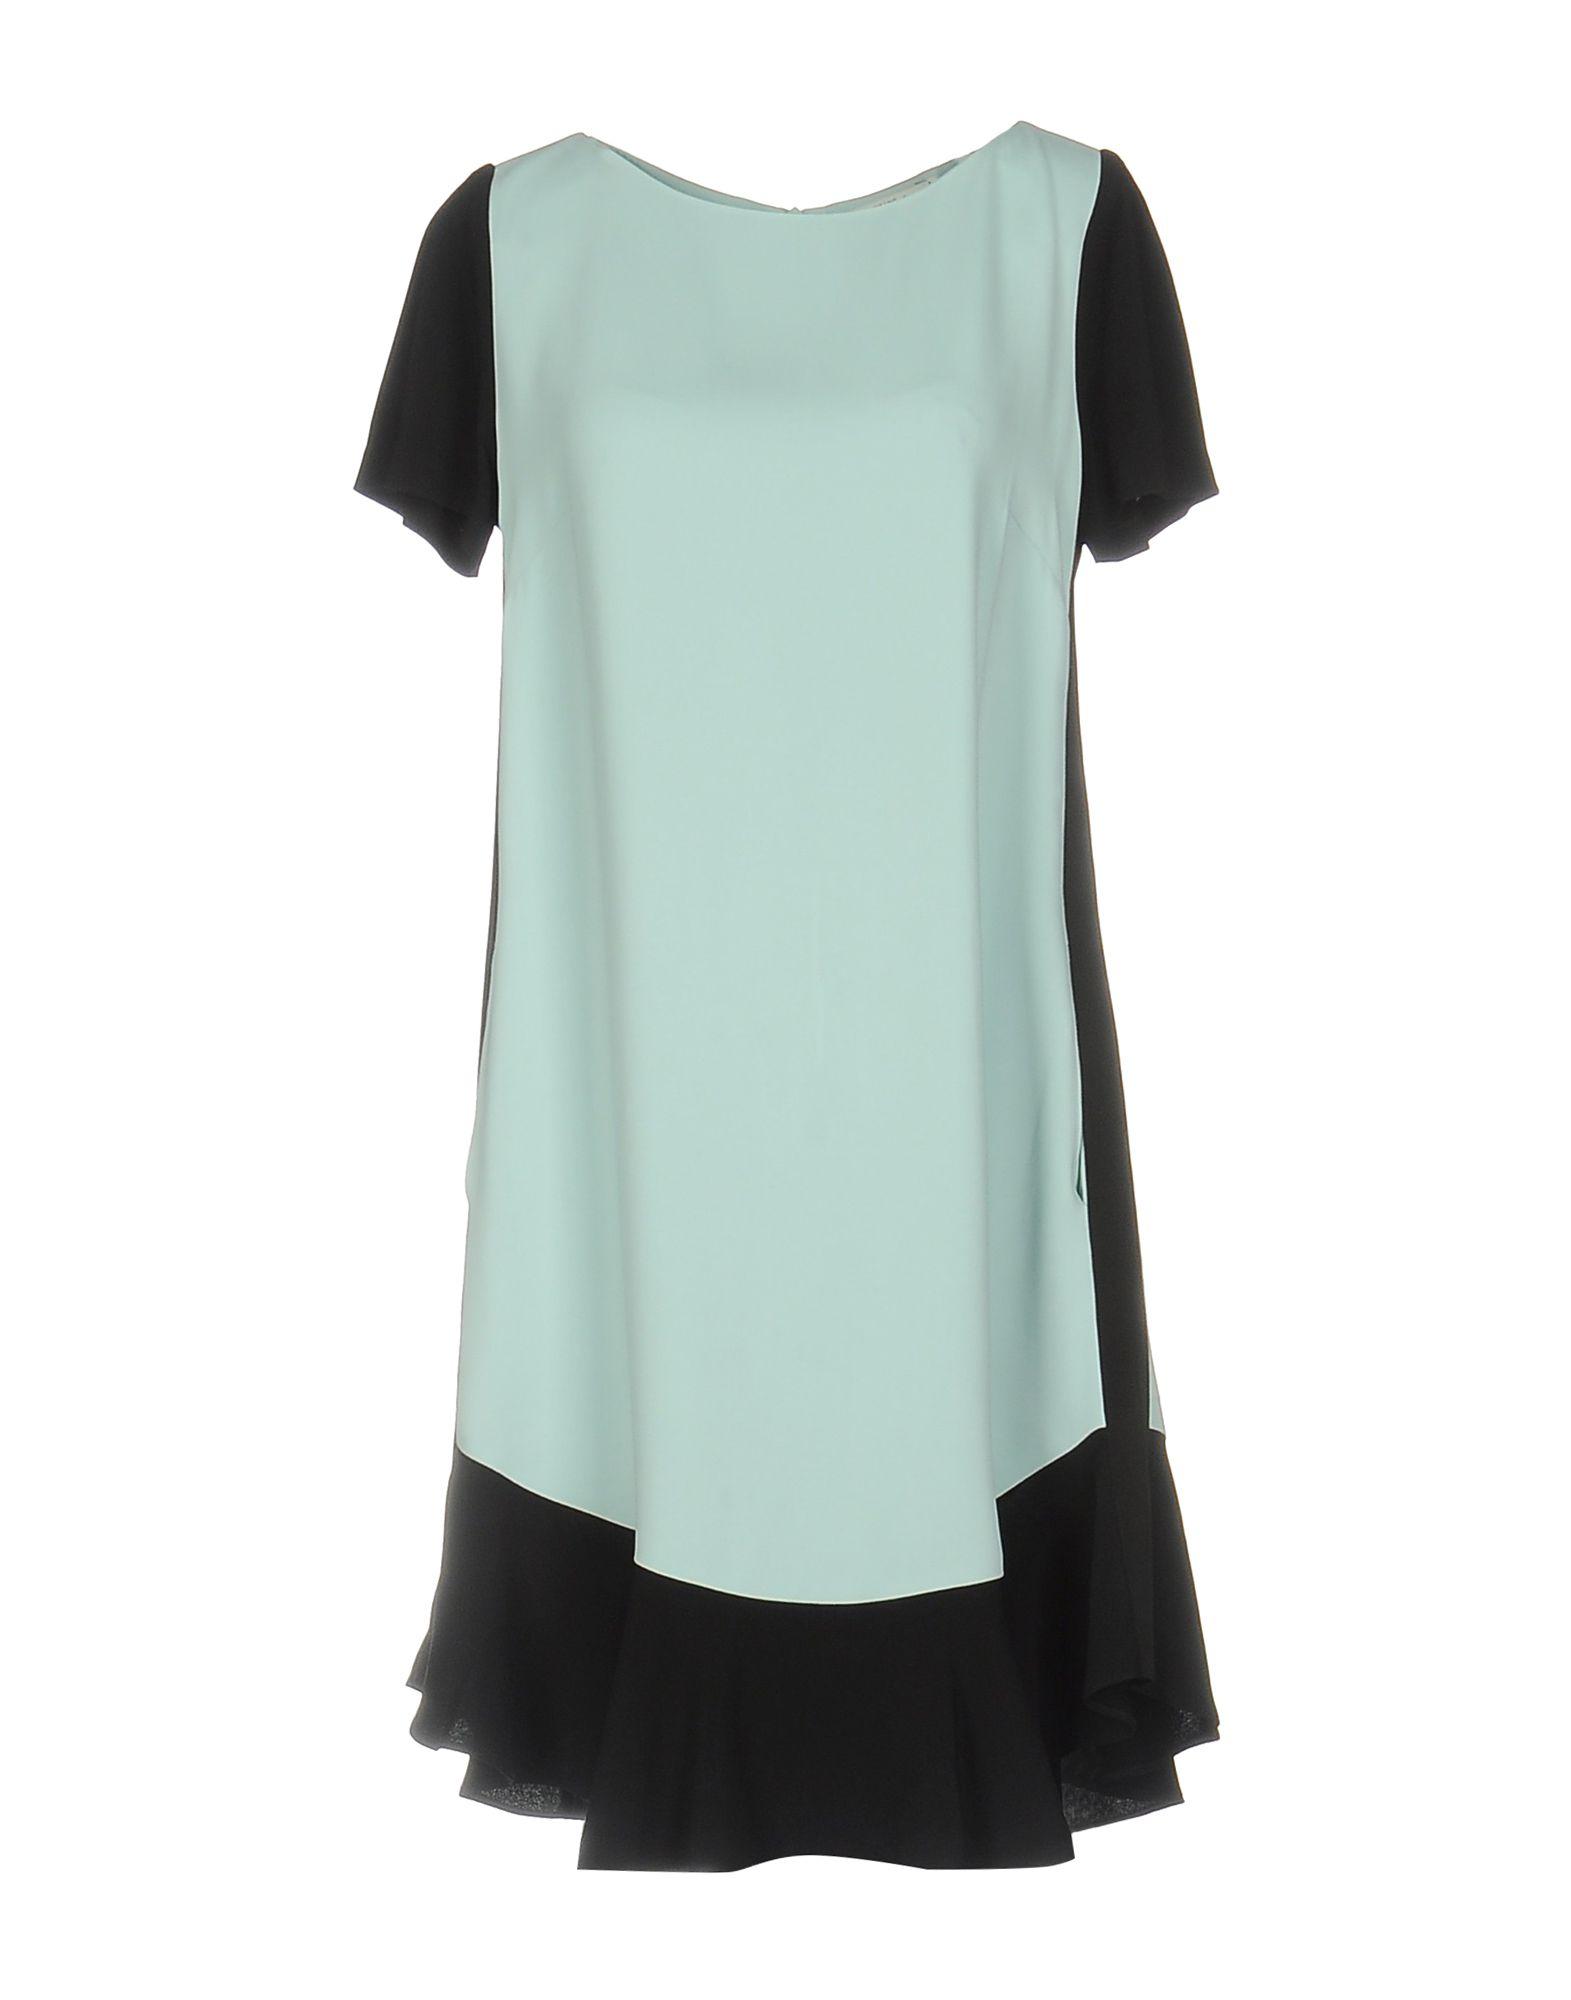 цена BEATRICE B Короткое платье в интернет-магазинах